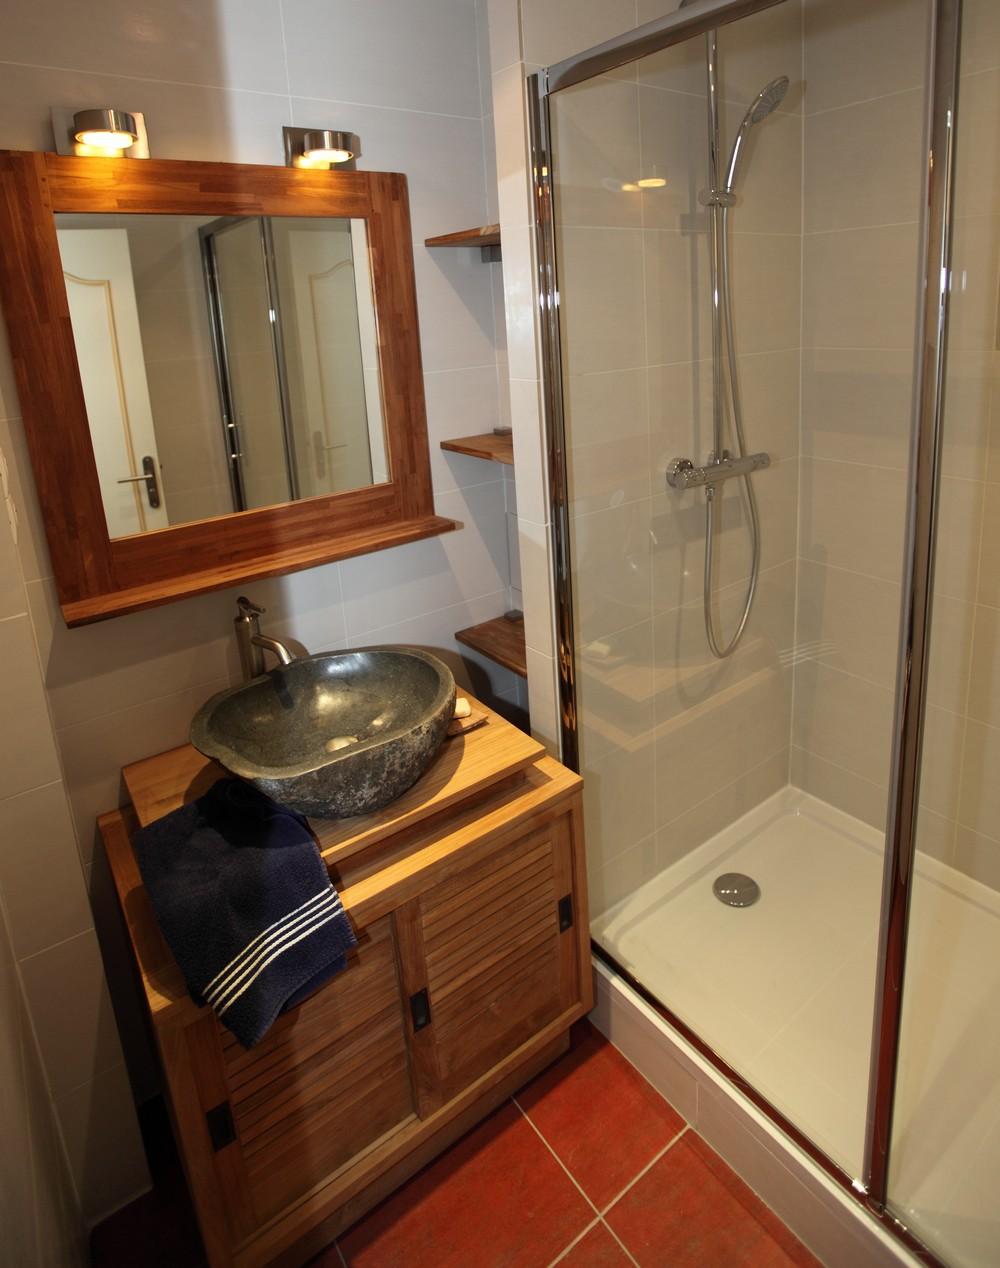 salle de bain meubles meubles pour la salle de bain. Black Bedroom Furniture Sets. Home Design Ideas